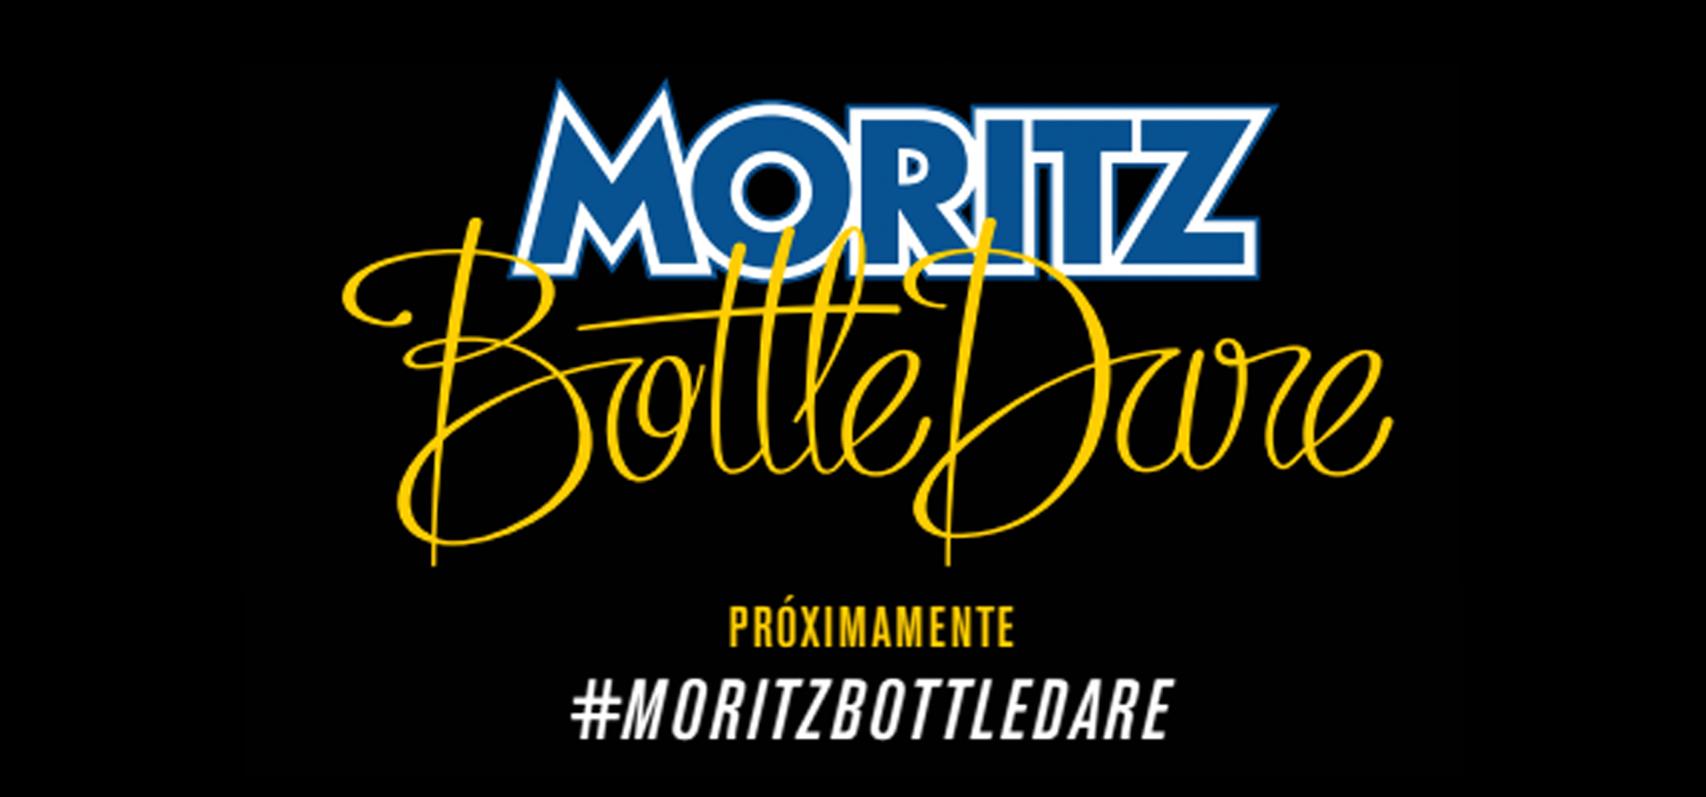 MORITZ BOTTLE DARE